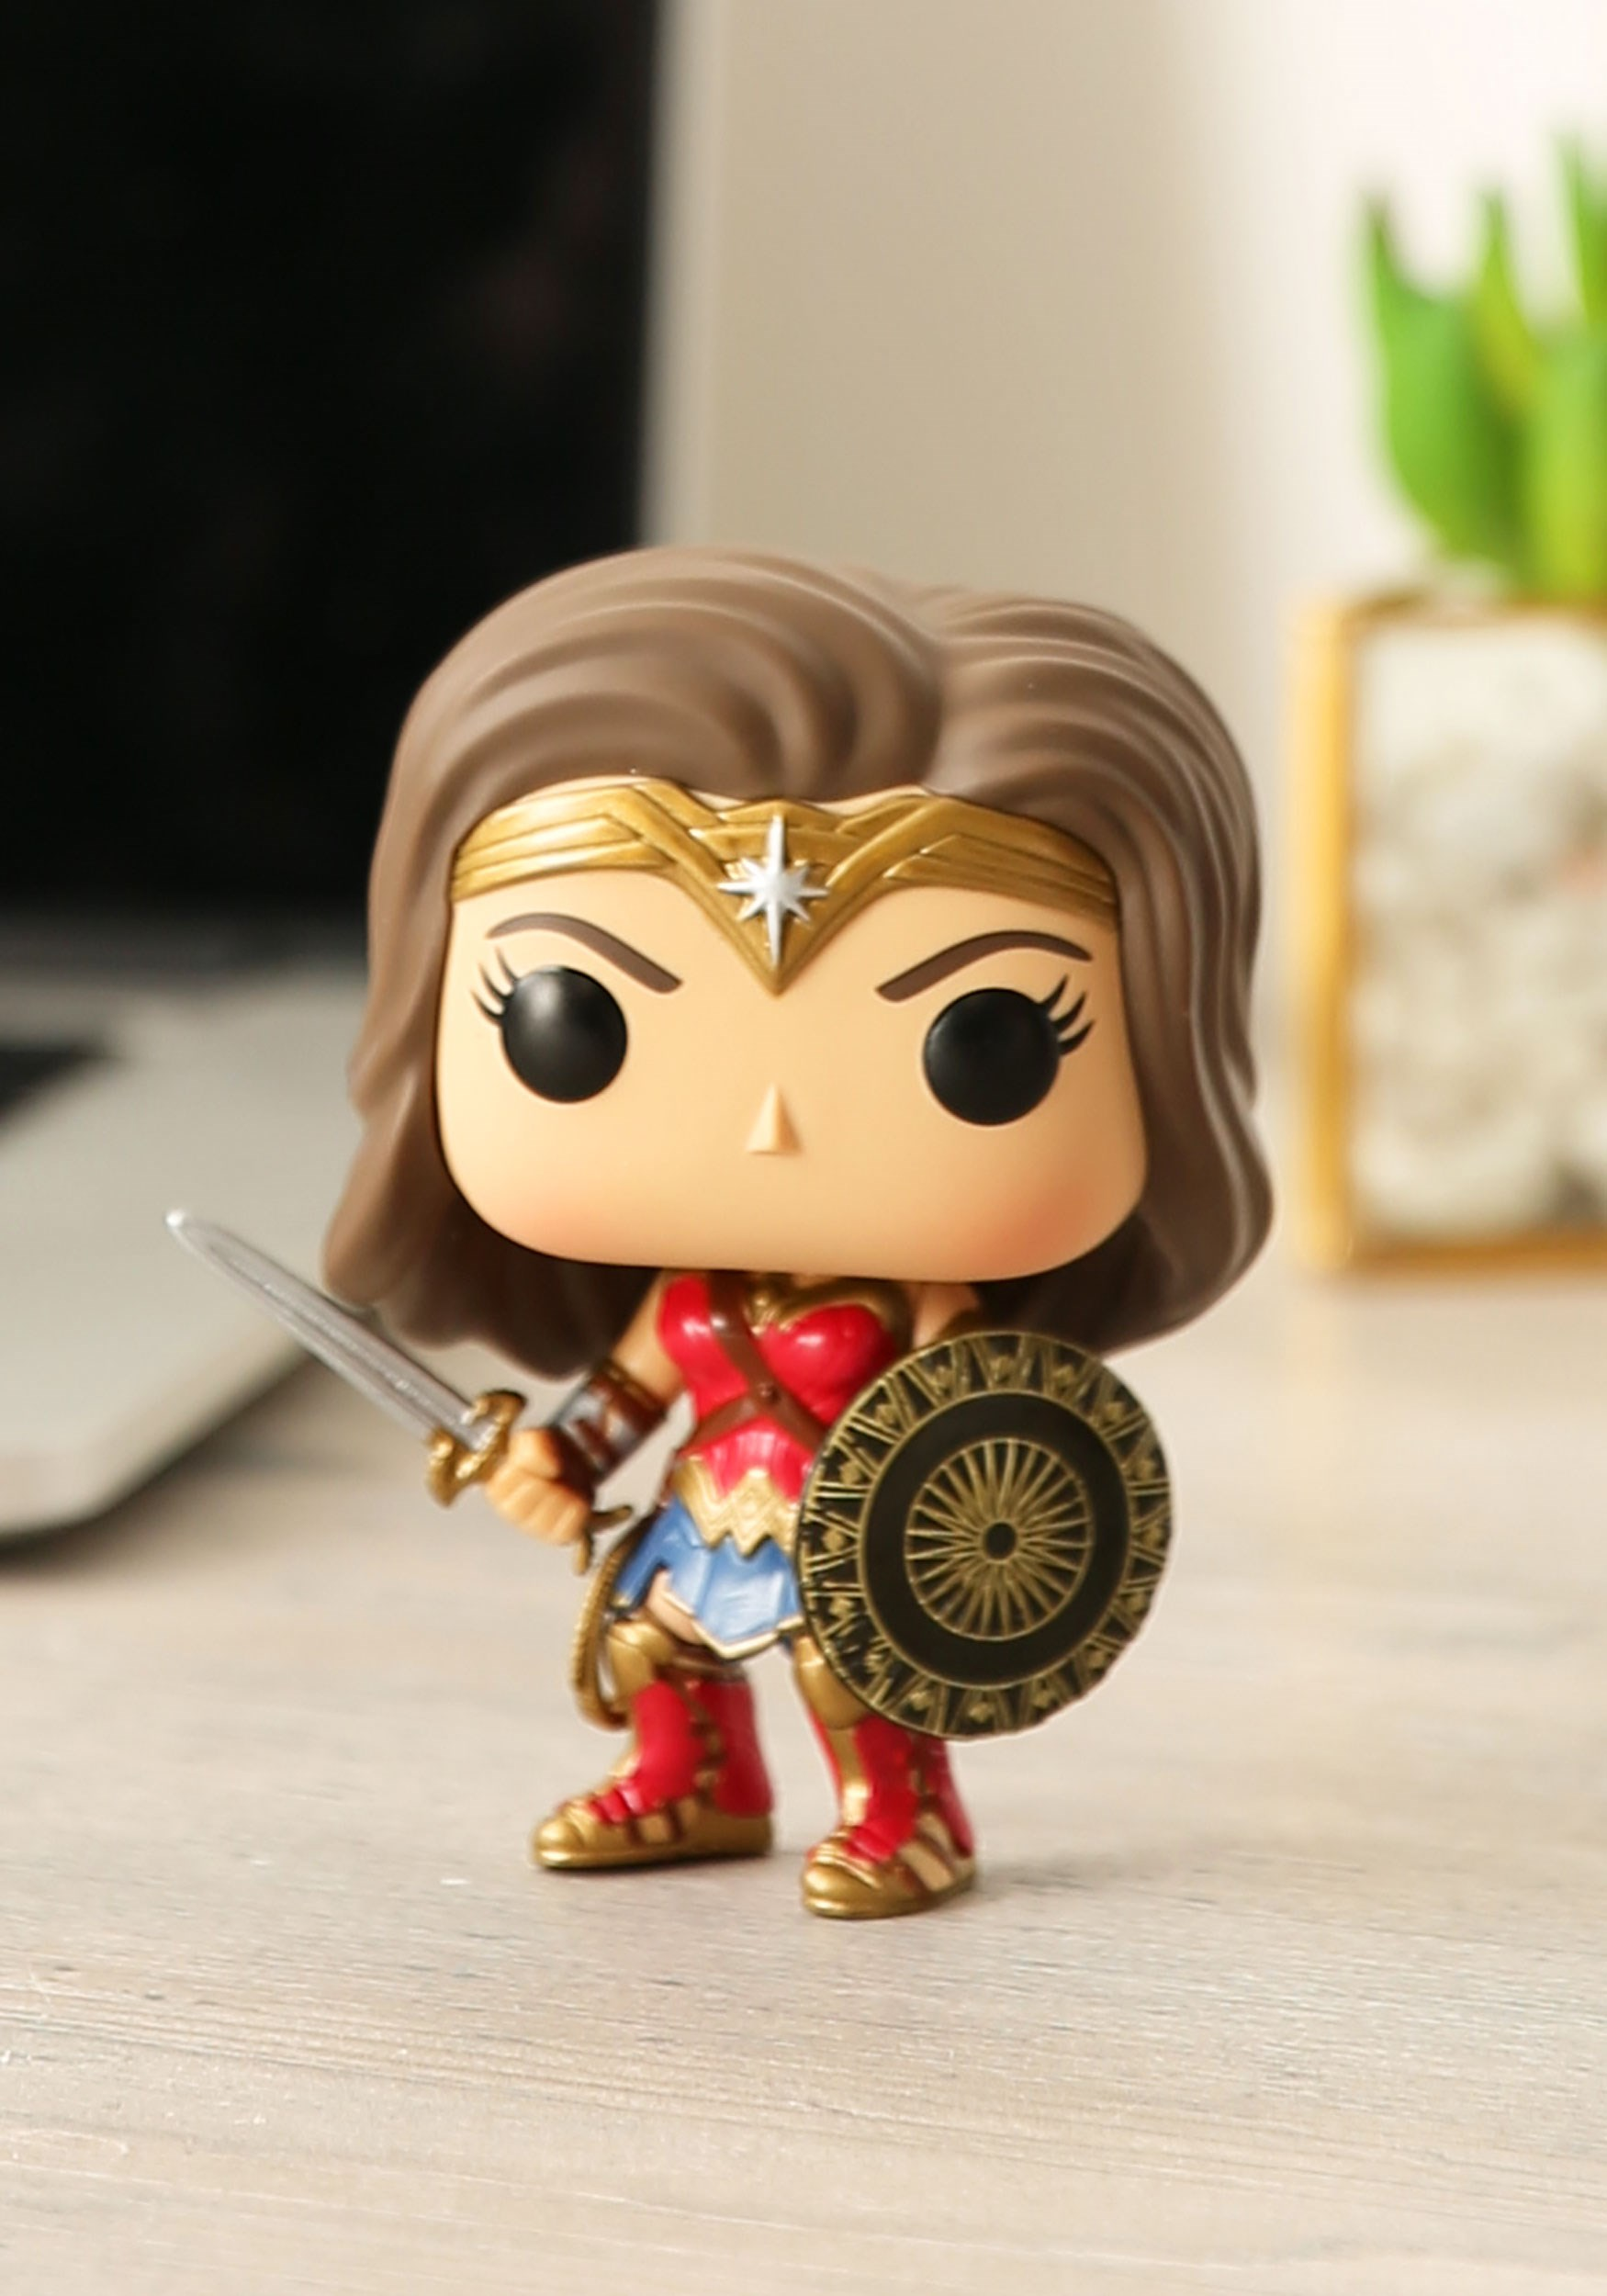 Wonder Woman POP! Vinyl Figure FN12545